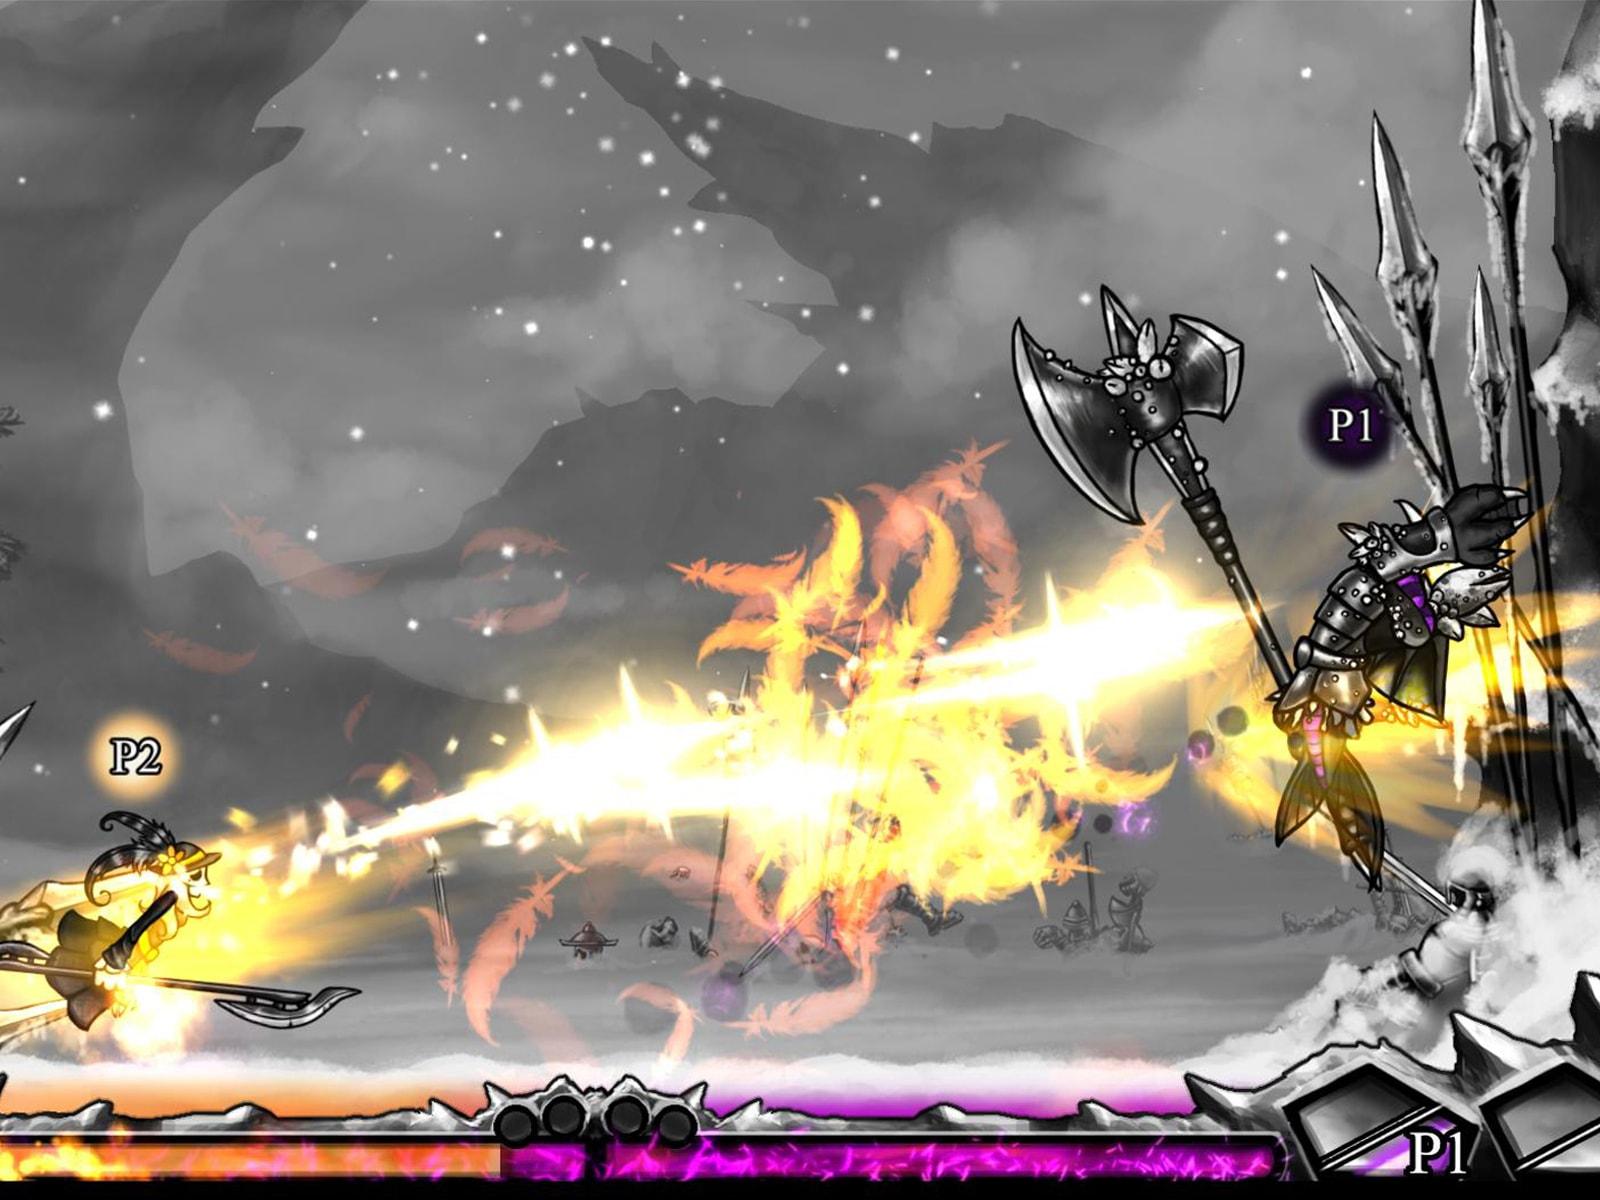 Screenshot of a battle from DigiPen student game Frozen Masquerade